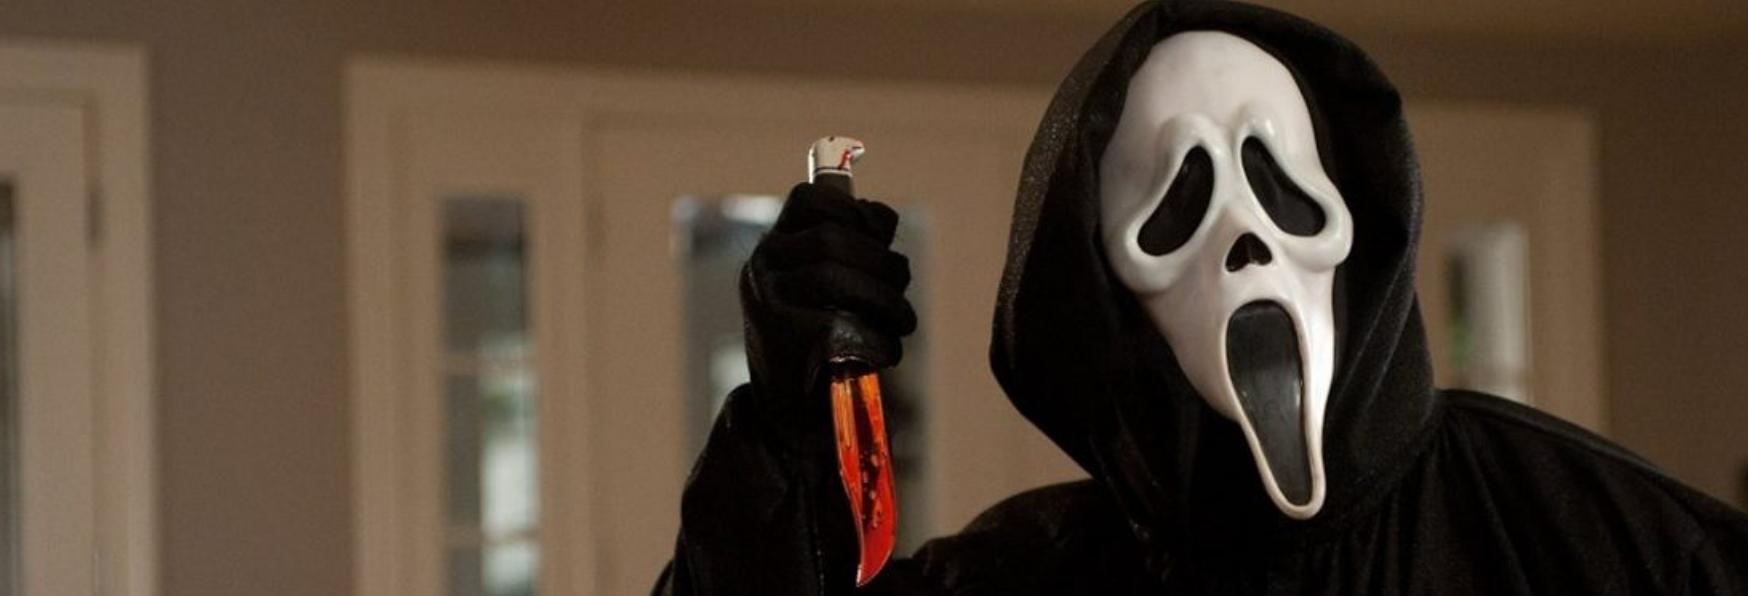 Scream: Il Trailer della Terza Stagione in Arrivo a Luglio